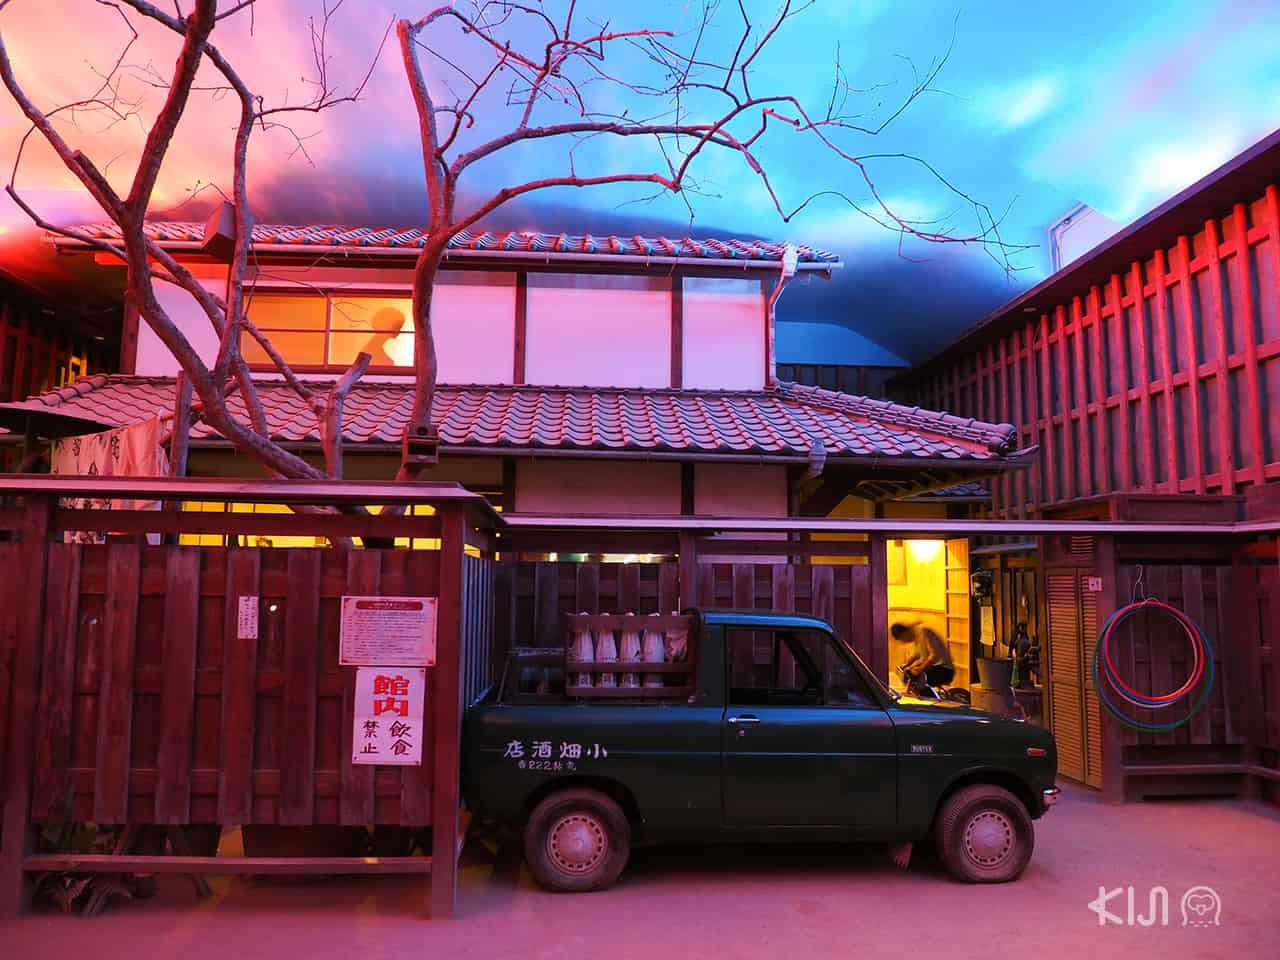 'ปาฏิหาริย์ร้านชำของคุณนามิยะ' ที่บุงโกะทาคาดะ (Bungotakada) ,โออิตะ (Oita)